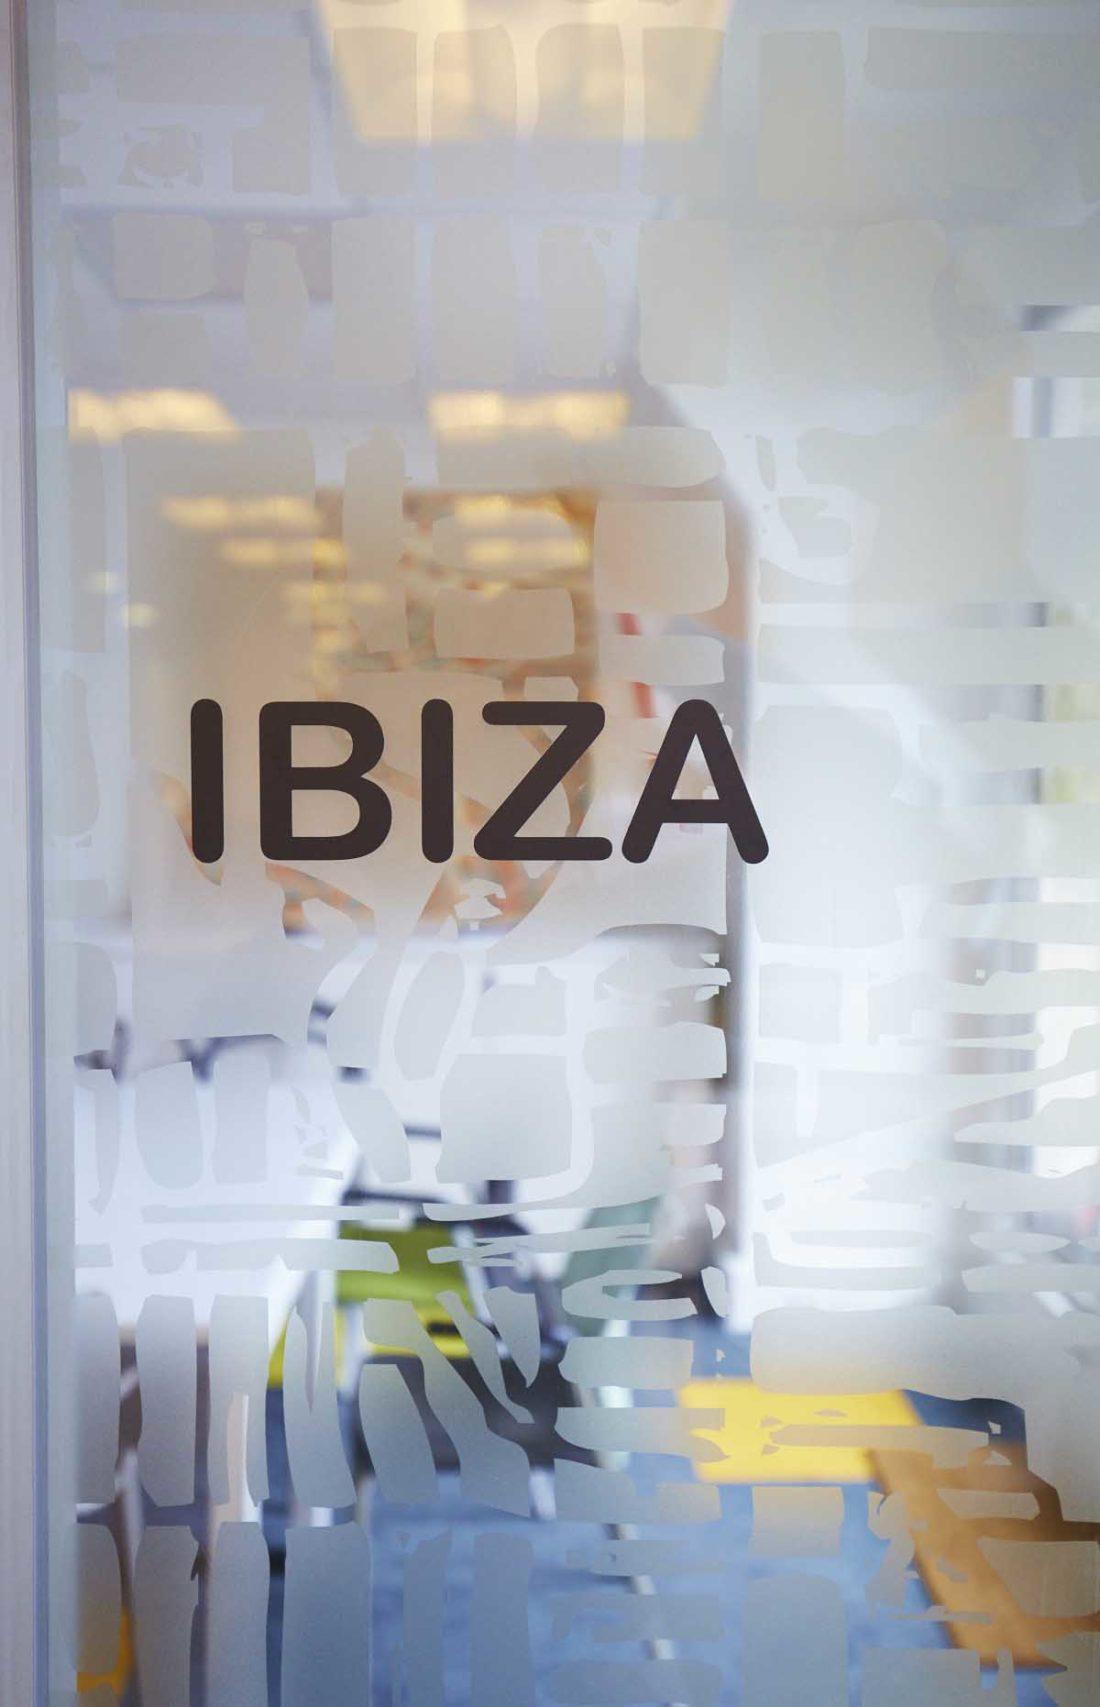 Signalétique-de-la-salle-de-réunion-Ibiza-chez-Aquent